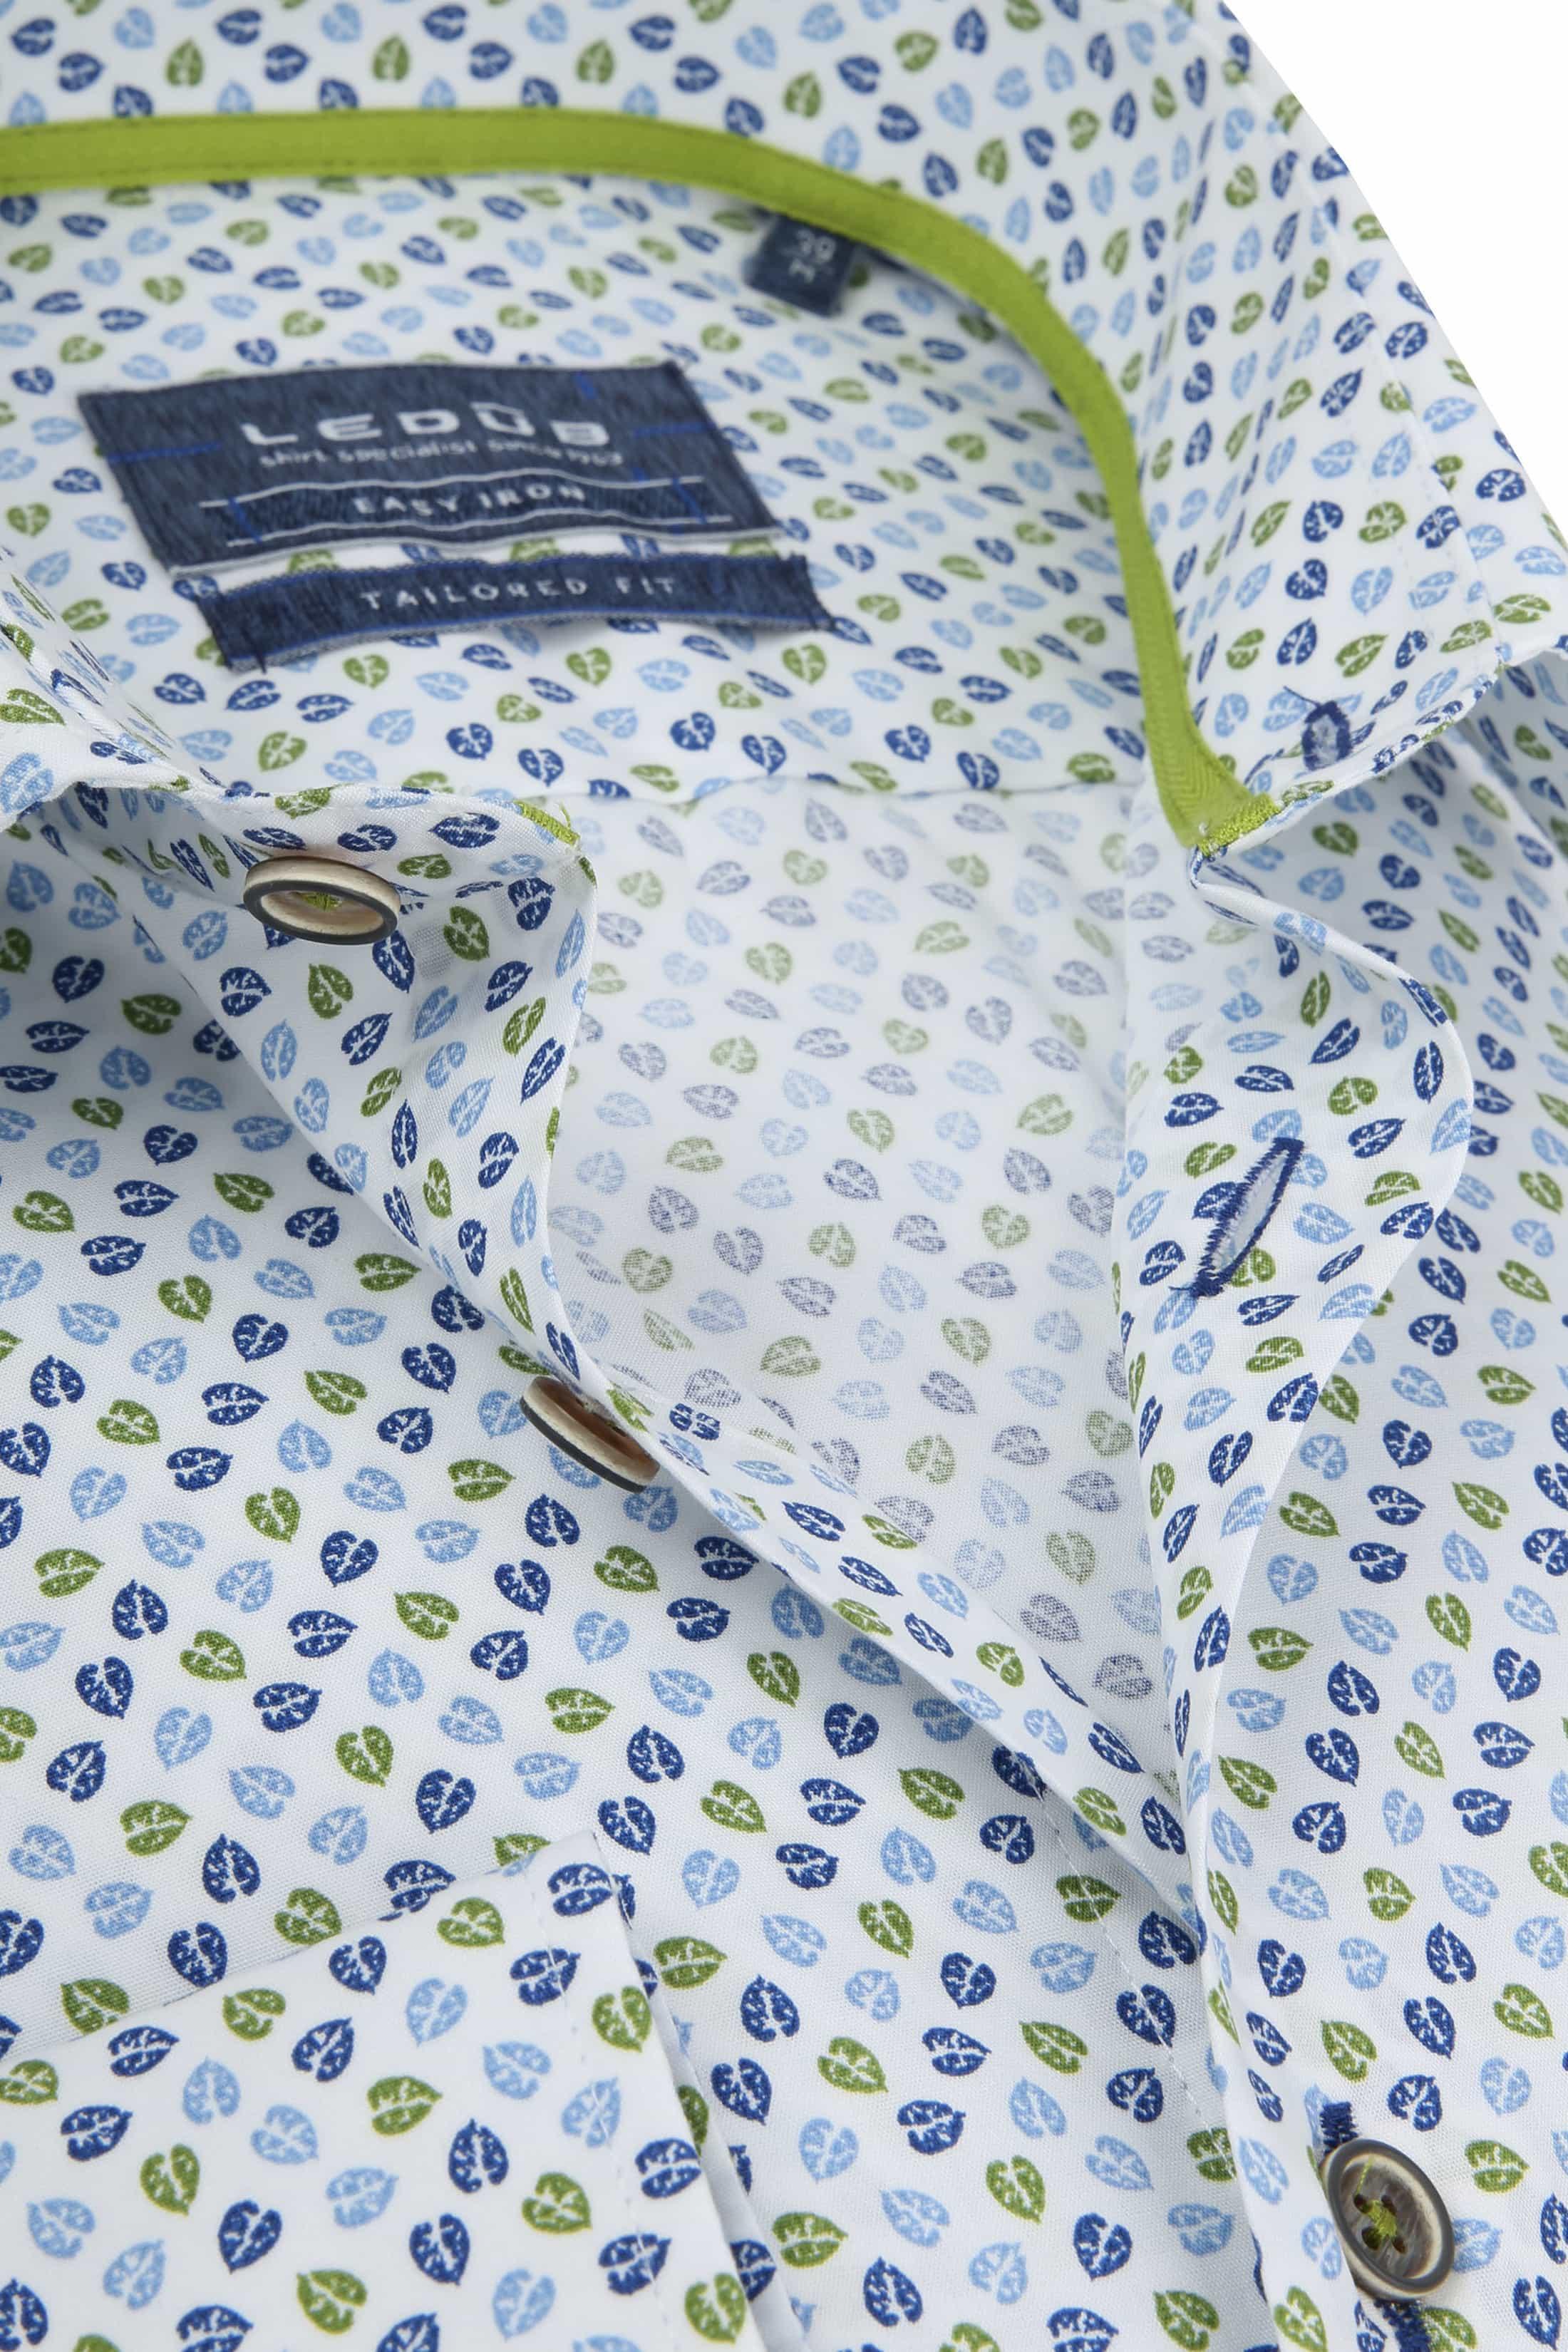 Ledub Overhemd MF Blaadjes foto 1